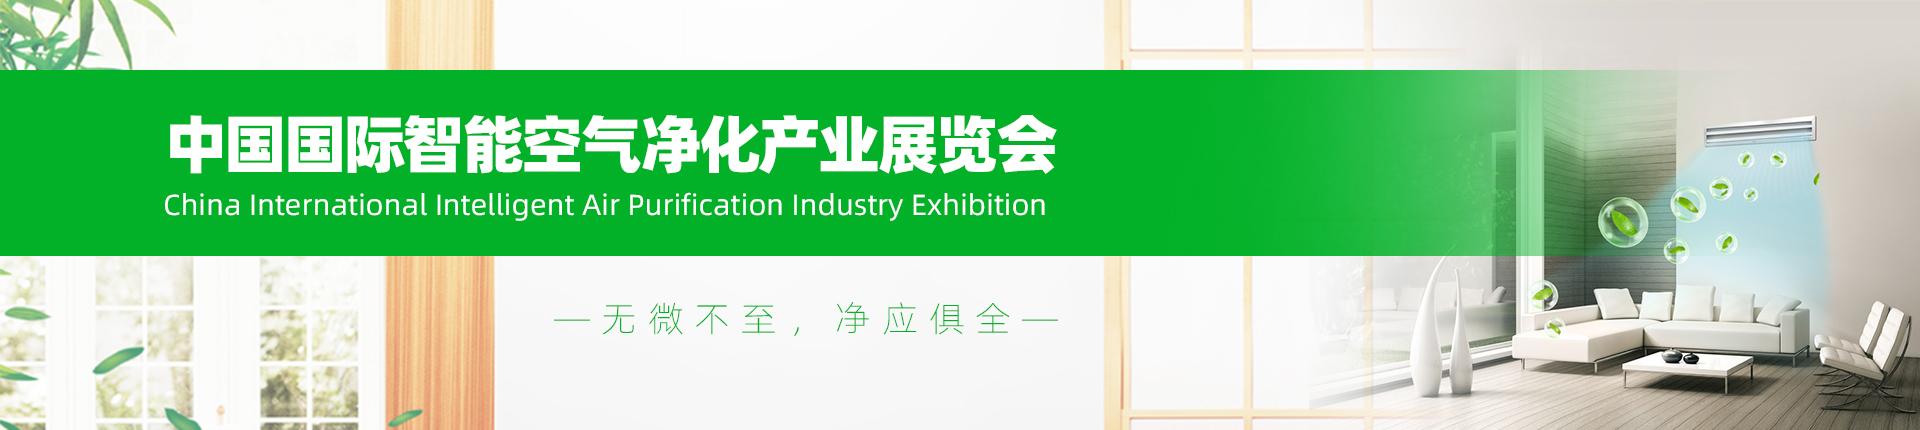 云展·中国国际智能空气净化产业展览会